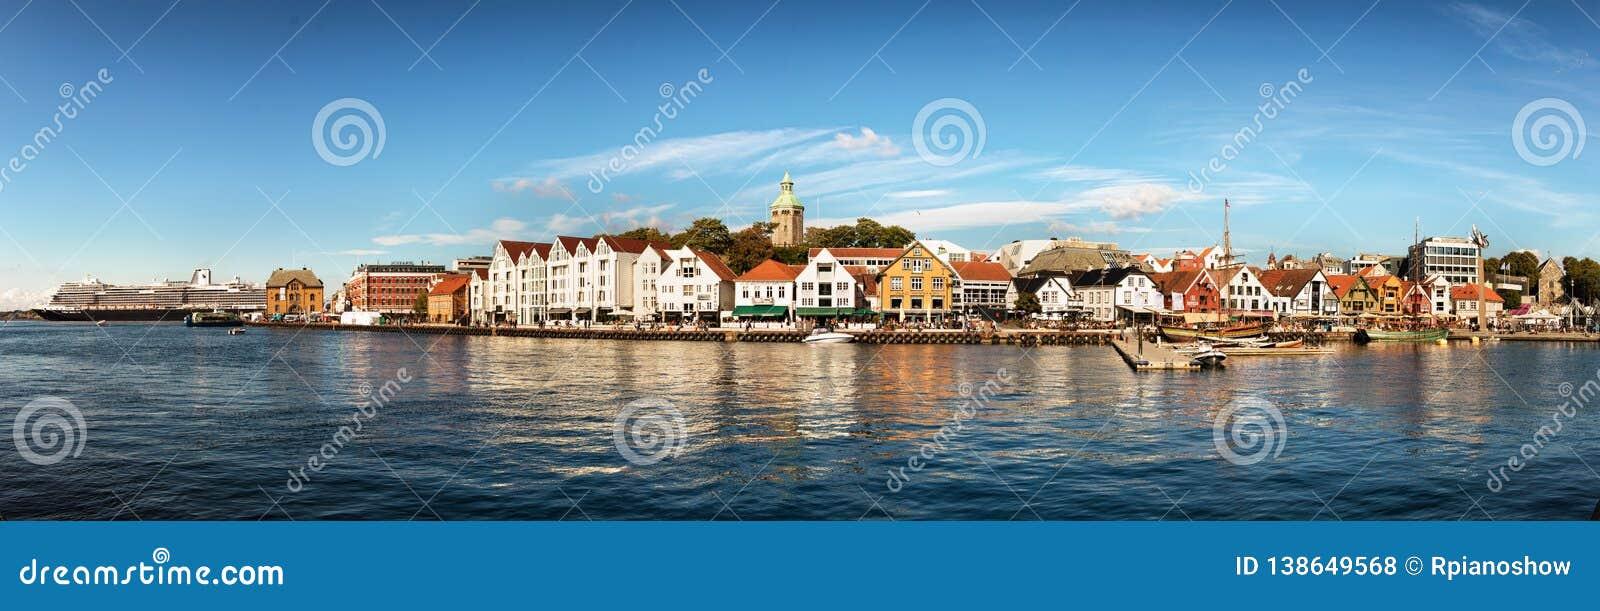 Visualizzazione panoramica del centro urbano della porta, del porticciolo e di Stavanger, Norvegia